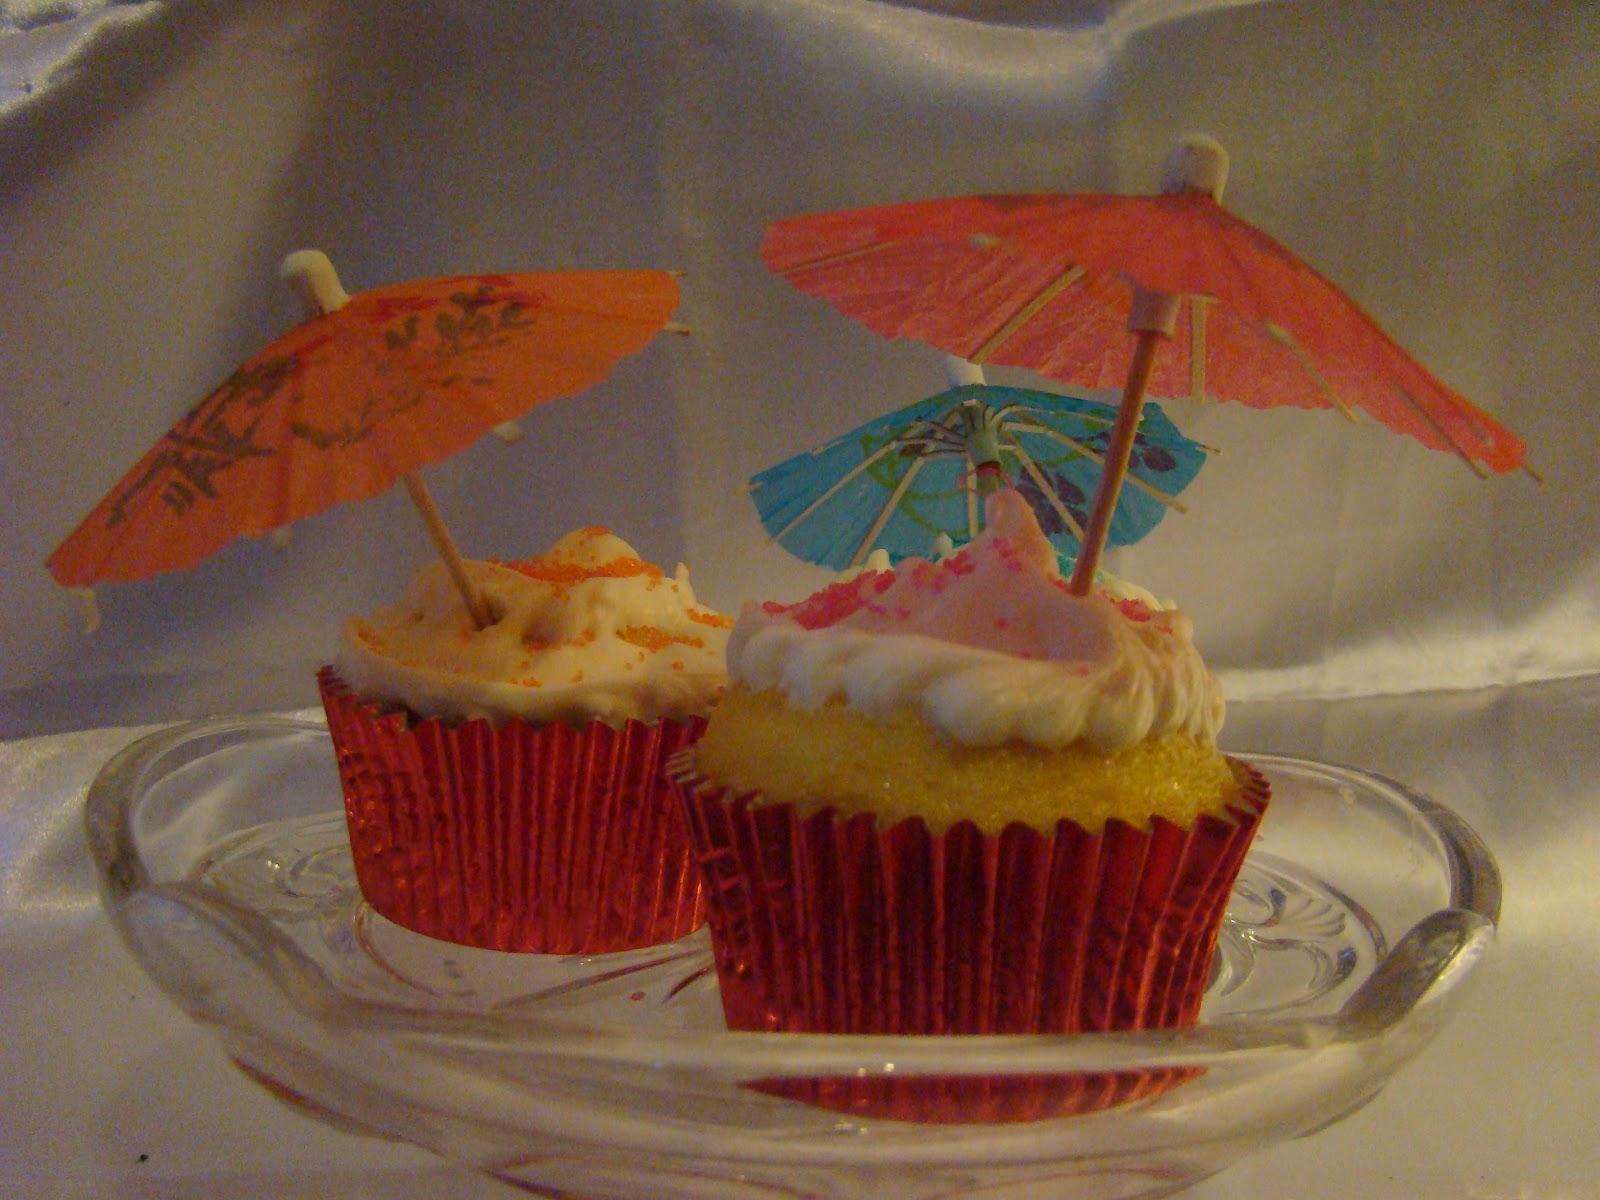 http://1.bp.blogspot.com/--EWZ76fD4es/UCxRIsKtJgI/AAAAAAAADUs/C6P7hF40iiI/s1600/a3+umbrella+cupcakes.JPG